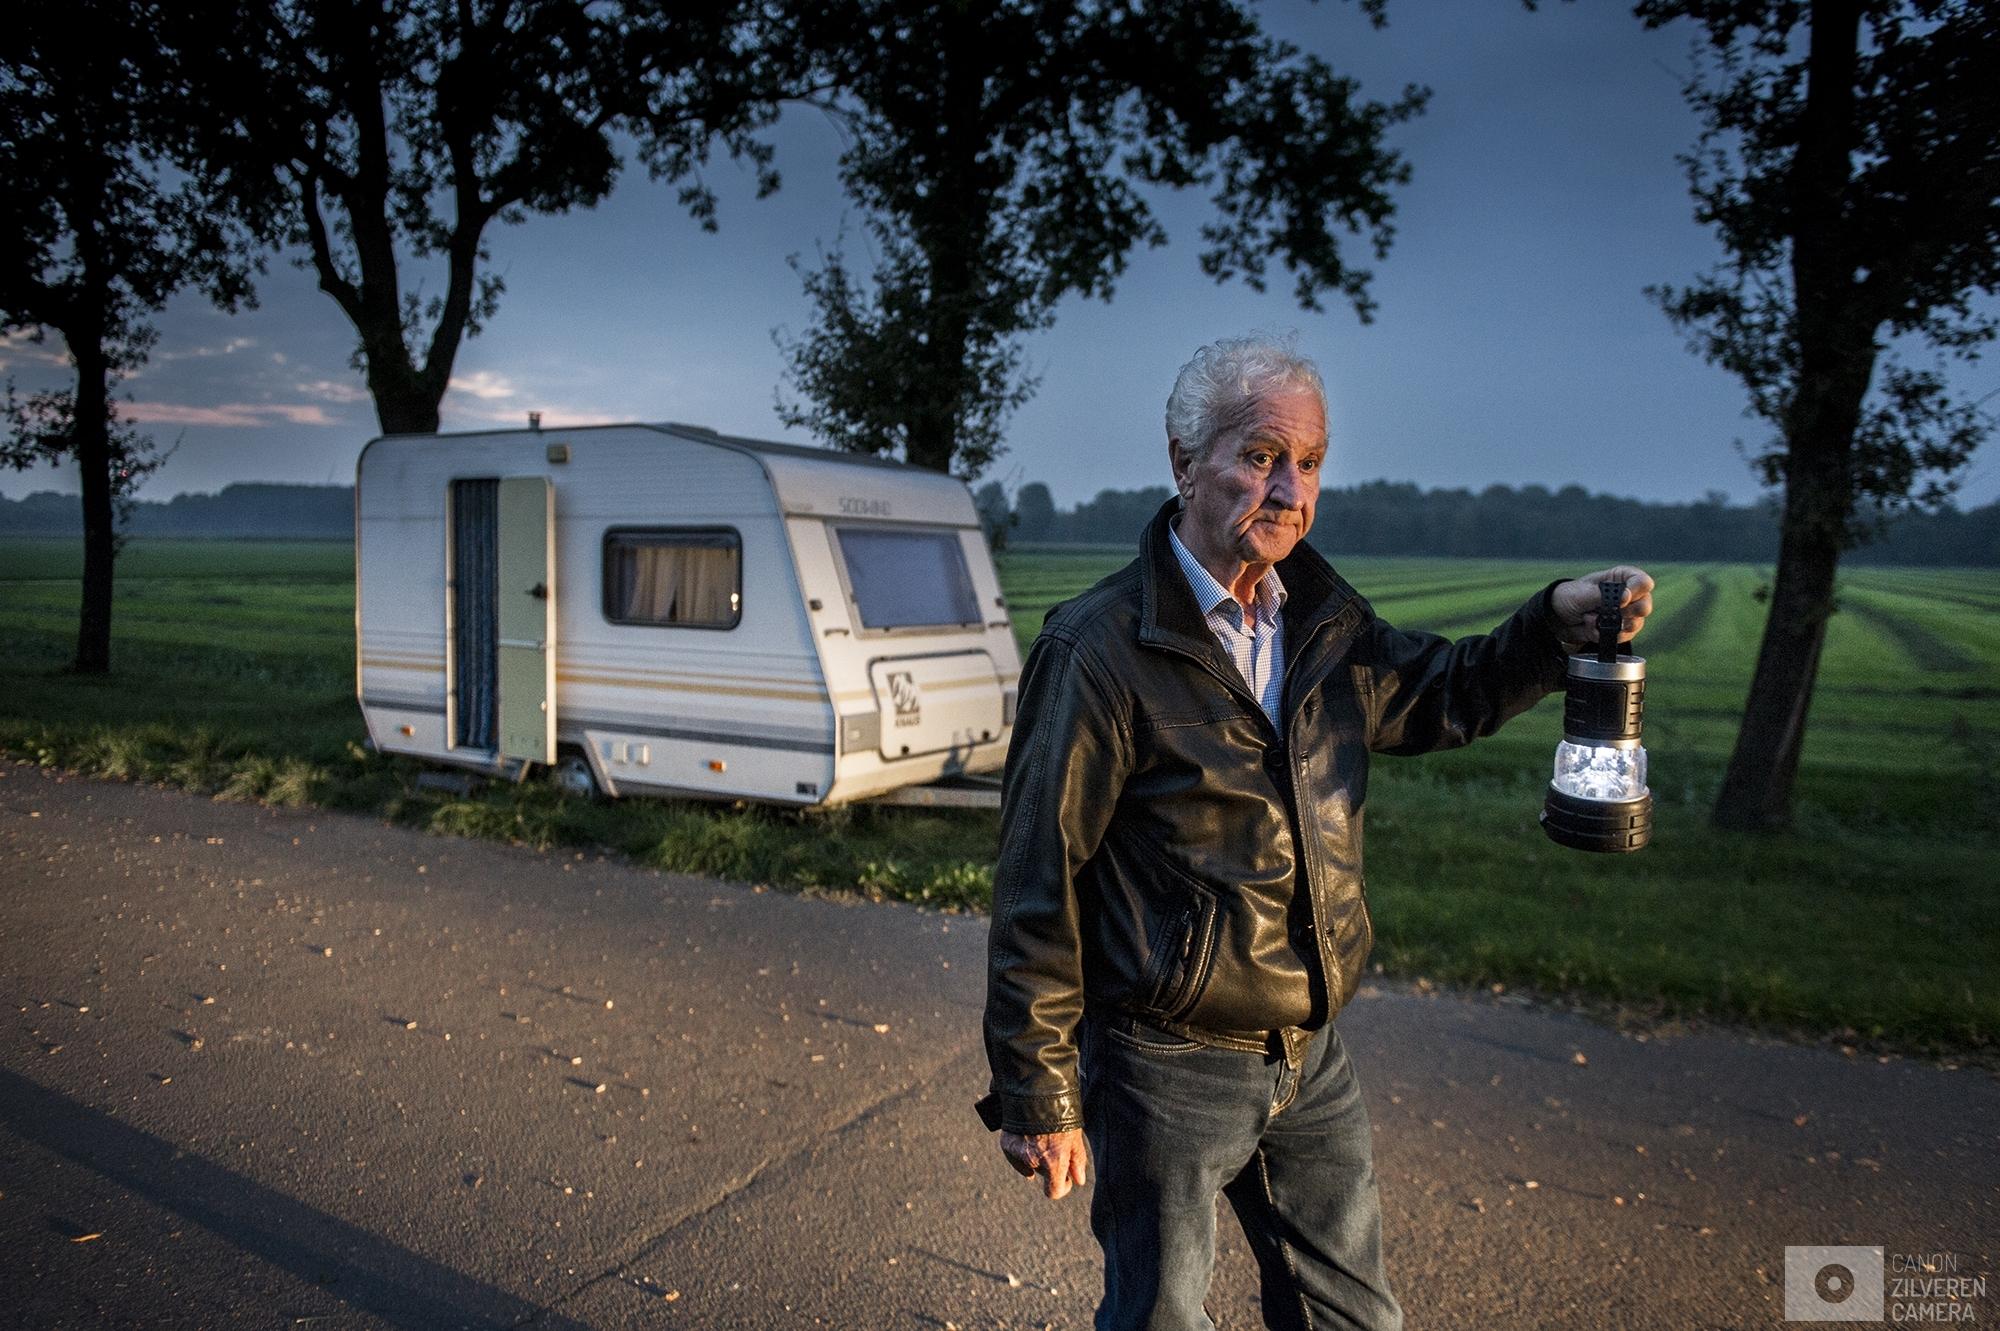 Nederland,Zeewolde,26-09-2017even met EHSNumr 3Jan .77 jaar en woont al meer dan 9 jaar in een caravan op het terrein bij een boer in Zeewolde Jan is Electro gevoelig , en werkelijk als waar stroom door loopt word hij ziek van, en ook masten ,  Jan Had het helemaal voor elkaar hij had een pracht flat met allemaal mooie nieuwe spulletjes . niet lang na dat hij er woonden kreeg hij rare klachten , hij kon niet meer slapen zijn spieren deden pijn zijn slijmvliezen gaan dicht zitten, hoofdpijn duizeligheid misselijkheid. Van de zend masten op dak,  Jan likte 7 paracetamol per dag.Alleen om zijn kleren te wassen en te douchen gaat jan nu nog naar zijn flat. Lang houd hij het daar niet vol. Volgens jan zitten er aan alle kanten van zijn flat dektelefoon en wifi straling . En is zijn flat dus eigelijk een magnetron . Hij mist de gezelligheid van zijn flat te kunnen koken tv kijken gewoon naar de wc te gaan.eenmaal terug in zijn caravan heeft hij een paar dagen nodig om bij te komen. Overal is straling dus Jan heeft de caravan afgeschermd met folie. De meesten van de tijd zit hij in de caravan daar is het redelijk uit te houden. Maar in de winter is het koud  en vaak niet warm te krijgen, in de zomer is het soms snik heet 34 C buiten dus 45 c graden binnen .Zijn vorige caravan is tijdens een storm kapot gewaaid. Afgelopen week heeft hij een groter caravan waar in wc in zit gekregen , maar voor deze krijg  moest hij het doen zonder water en wc.  elke ochtend gaat jan koffie drinken bij de iemand van  de vereniging. CPLD , daar na gaat hij bijna rennend door de winkel om maar zo min mogelijk blootgesteld te worden aan alle WIFI stralingen , 'thuis' aangekomen is hij dan vaak uitgeput en heeft de rest van de dag nodig om te herstellen . Wat hij de hele dag doet is lezen van de bijbel en dan daar weer van uitrusten. Na de kerk gaat hij niet want ook daar is wifi .  Voor hem zelf ziet hij het niet meer goed komen hij weet ook niet waar hij nog op hoopt. Afgelopen tijd is jan naa